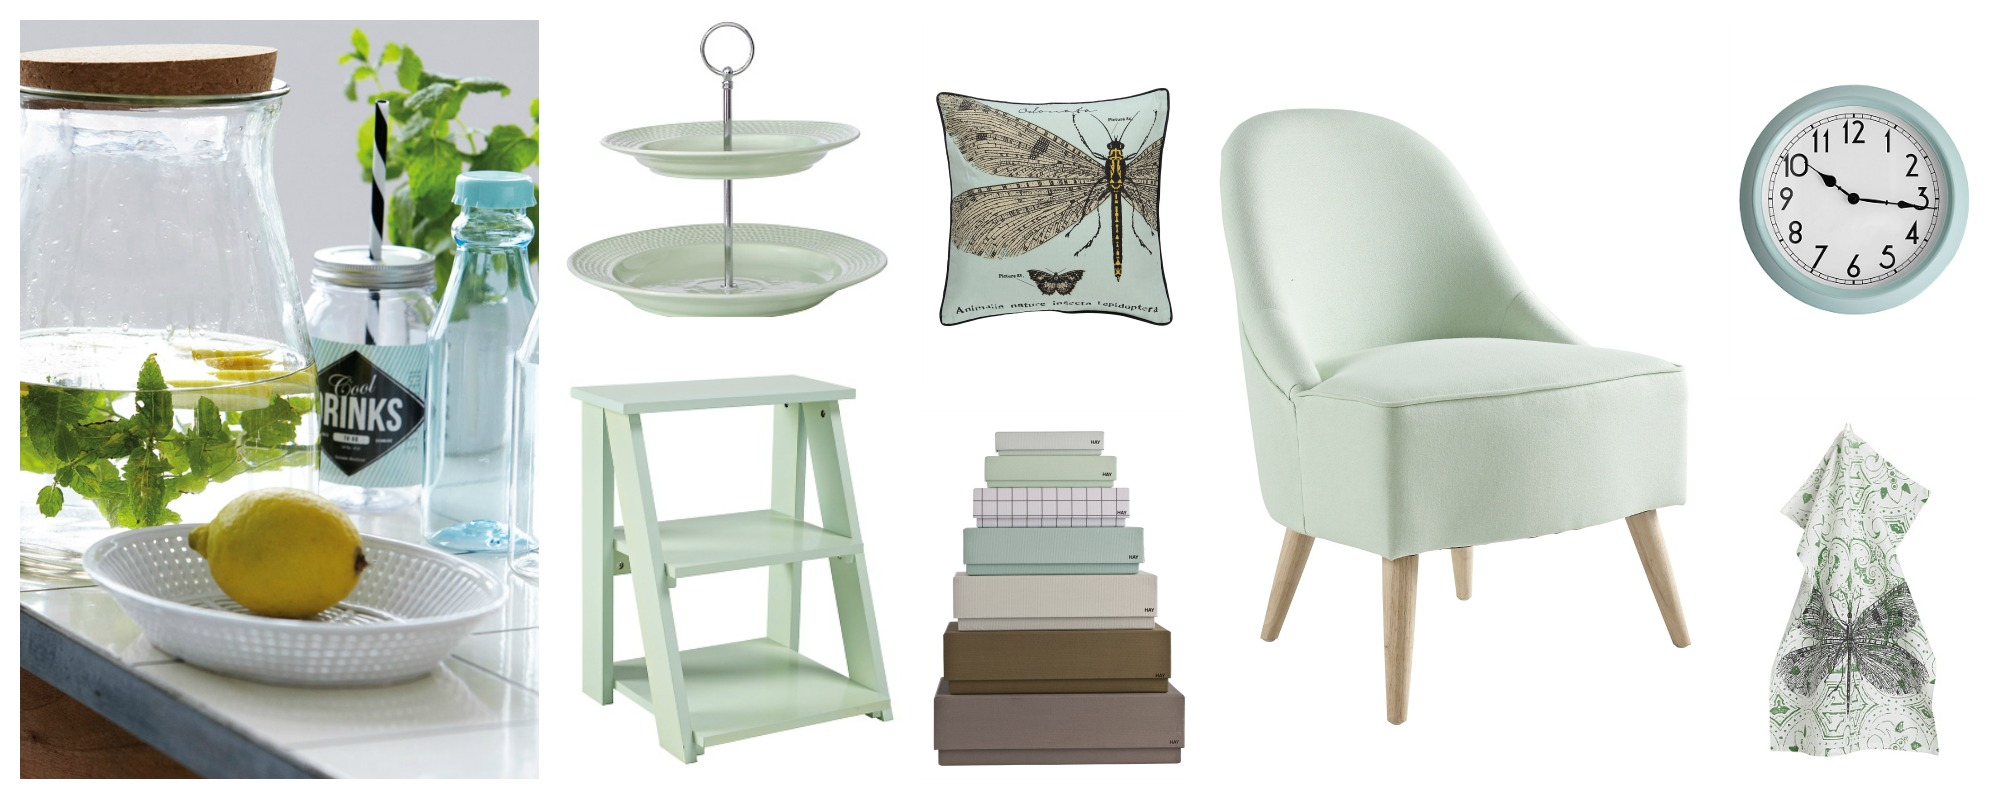 interior design nettbutikk : Hjem Interir Nettbutikk. Barnerom Interior Nettbutikk ...